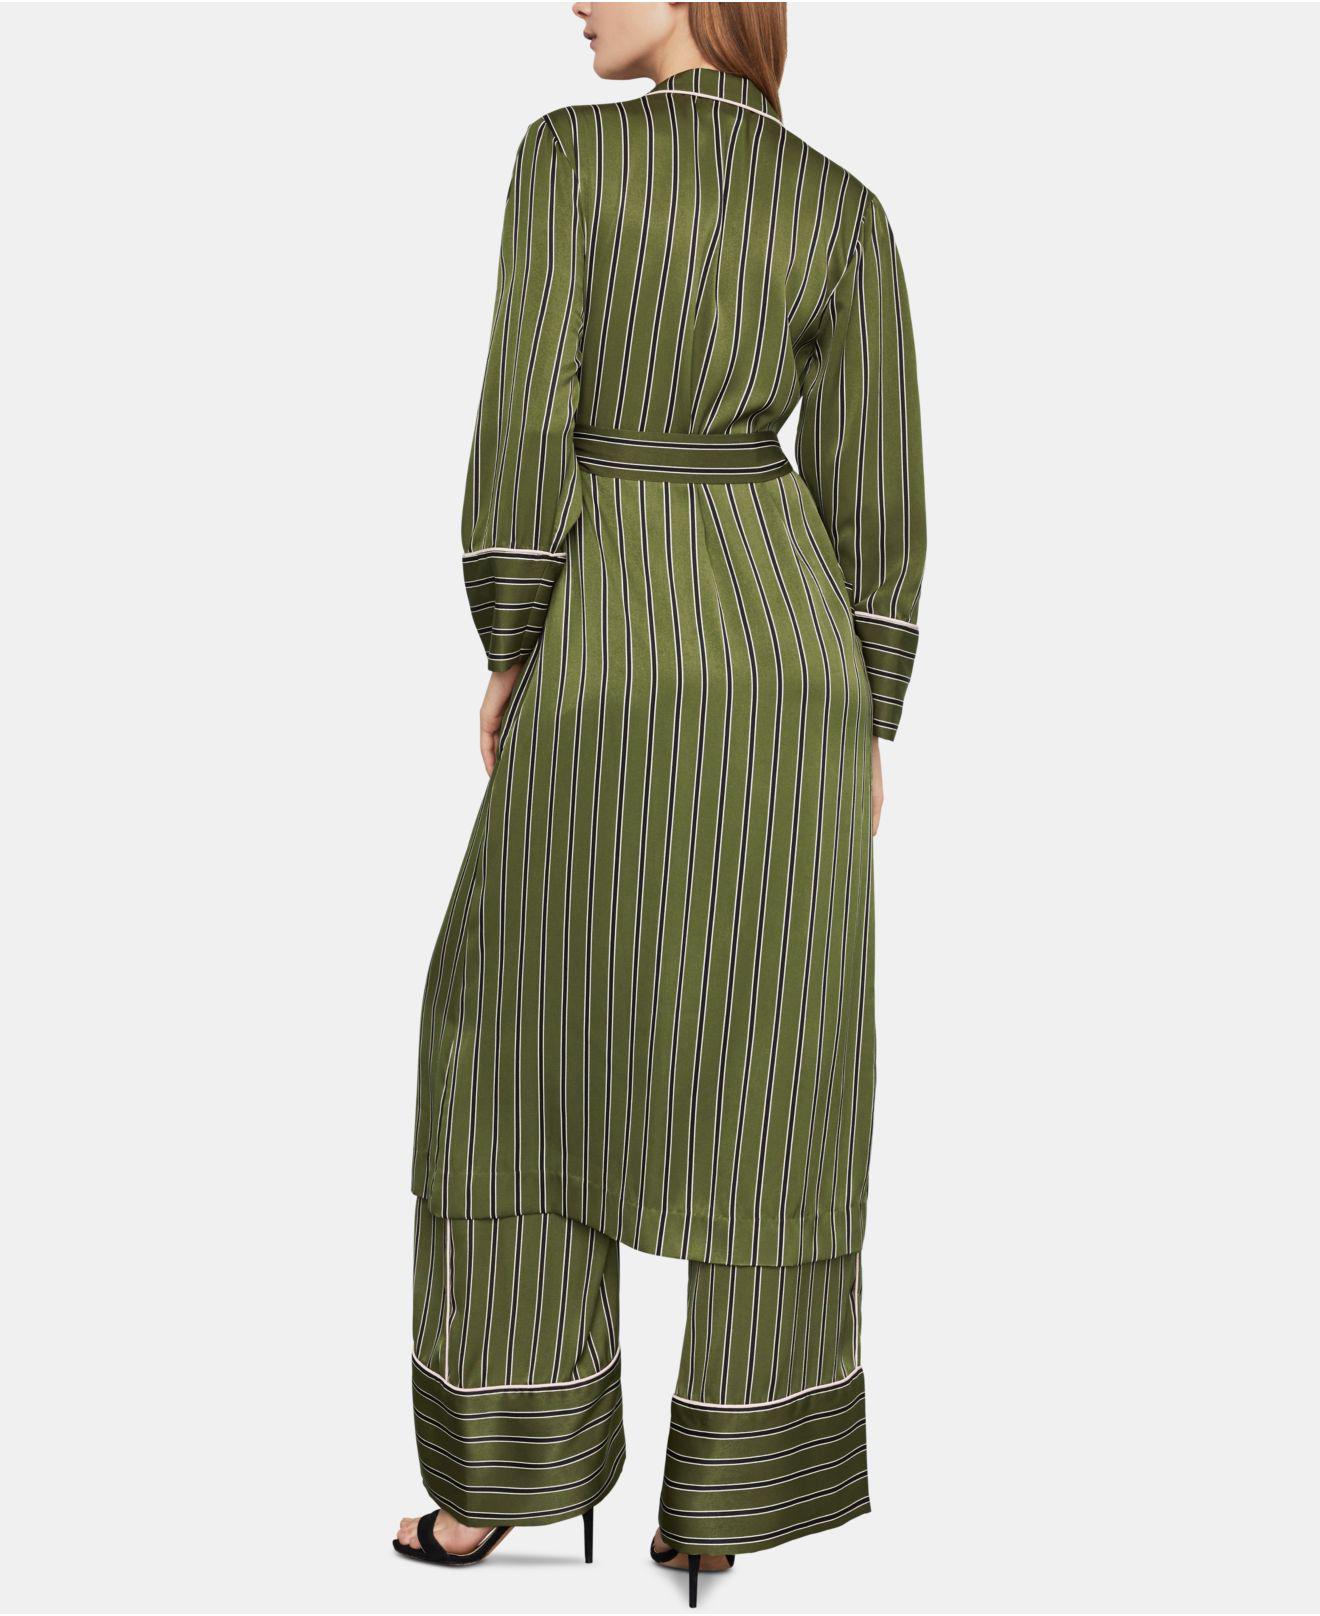 Bcbgmaxazria Striped Satin Robe Jacket In Olive Black Combo Green Lyst